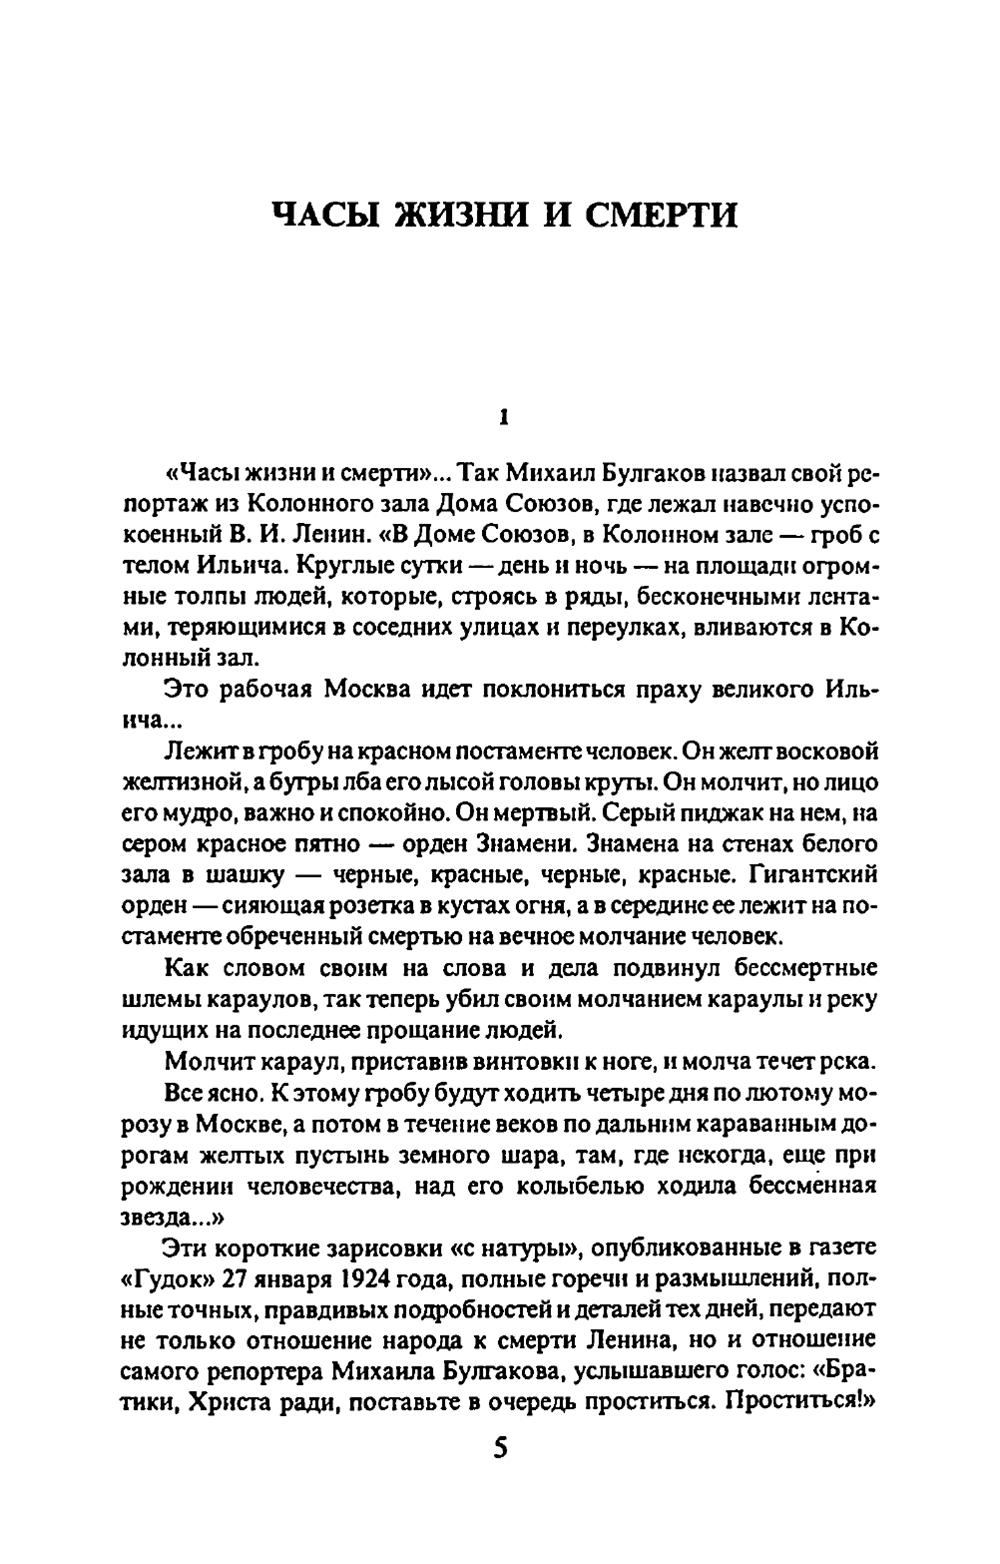 http://images.vfl.ru/ii/1406480714/0e4dcacb/5819351.jpg